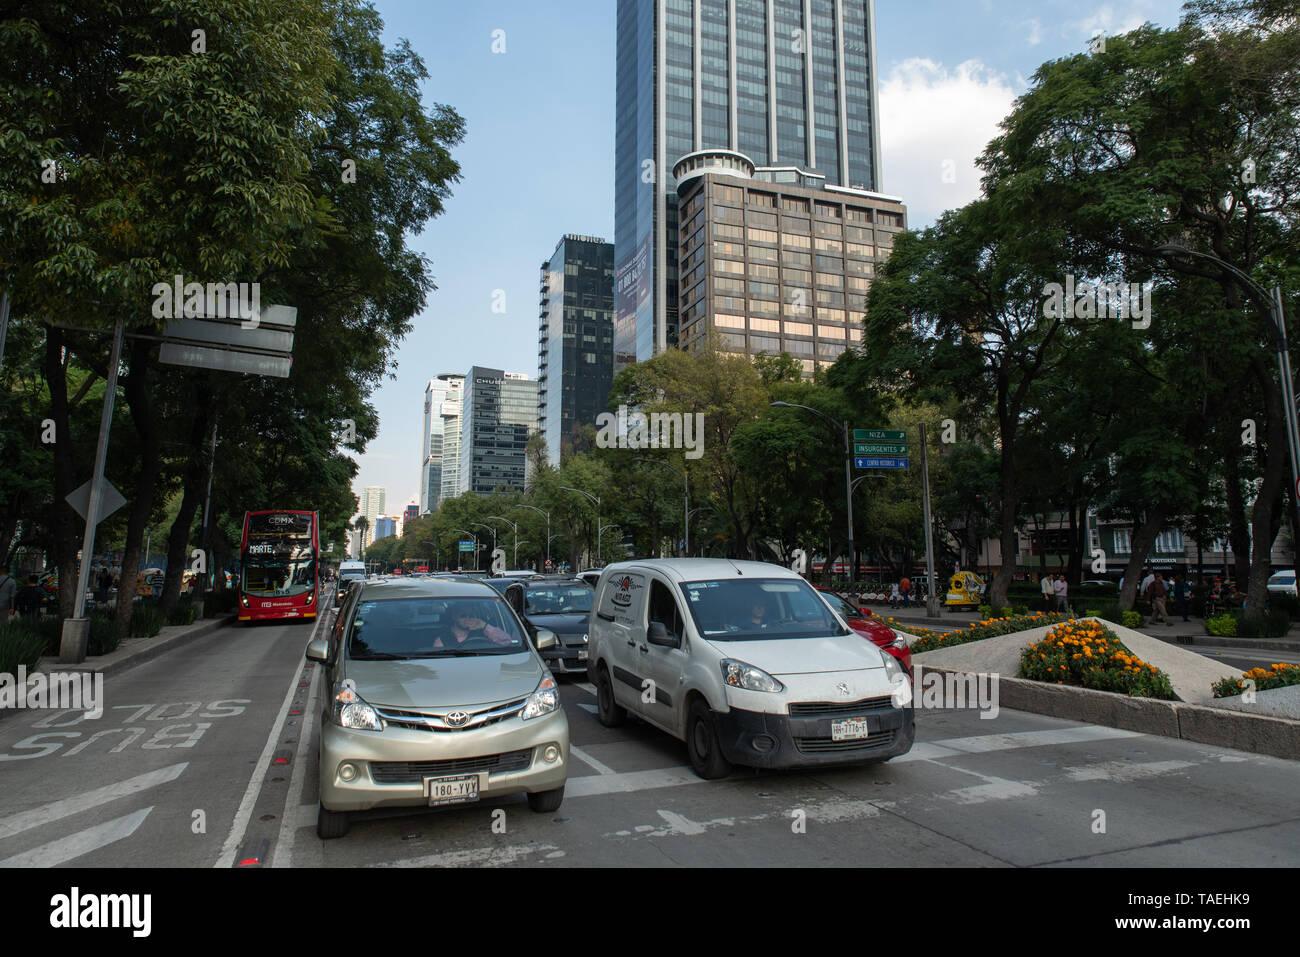 Am Paseo de la Reforma in Mexiko-Stadt befinden sich moderne Glastürme, in denen internationale Unternehmen Büros wie das amerikanische Unternehmen We - Stock Image